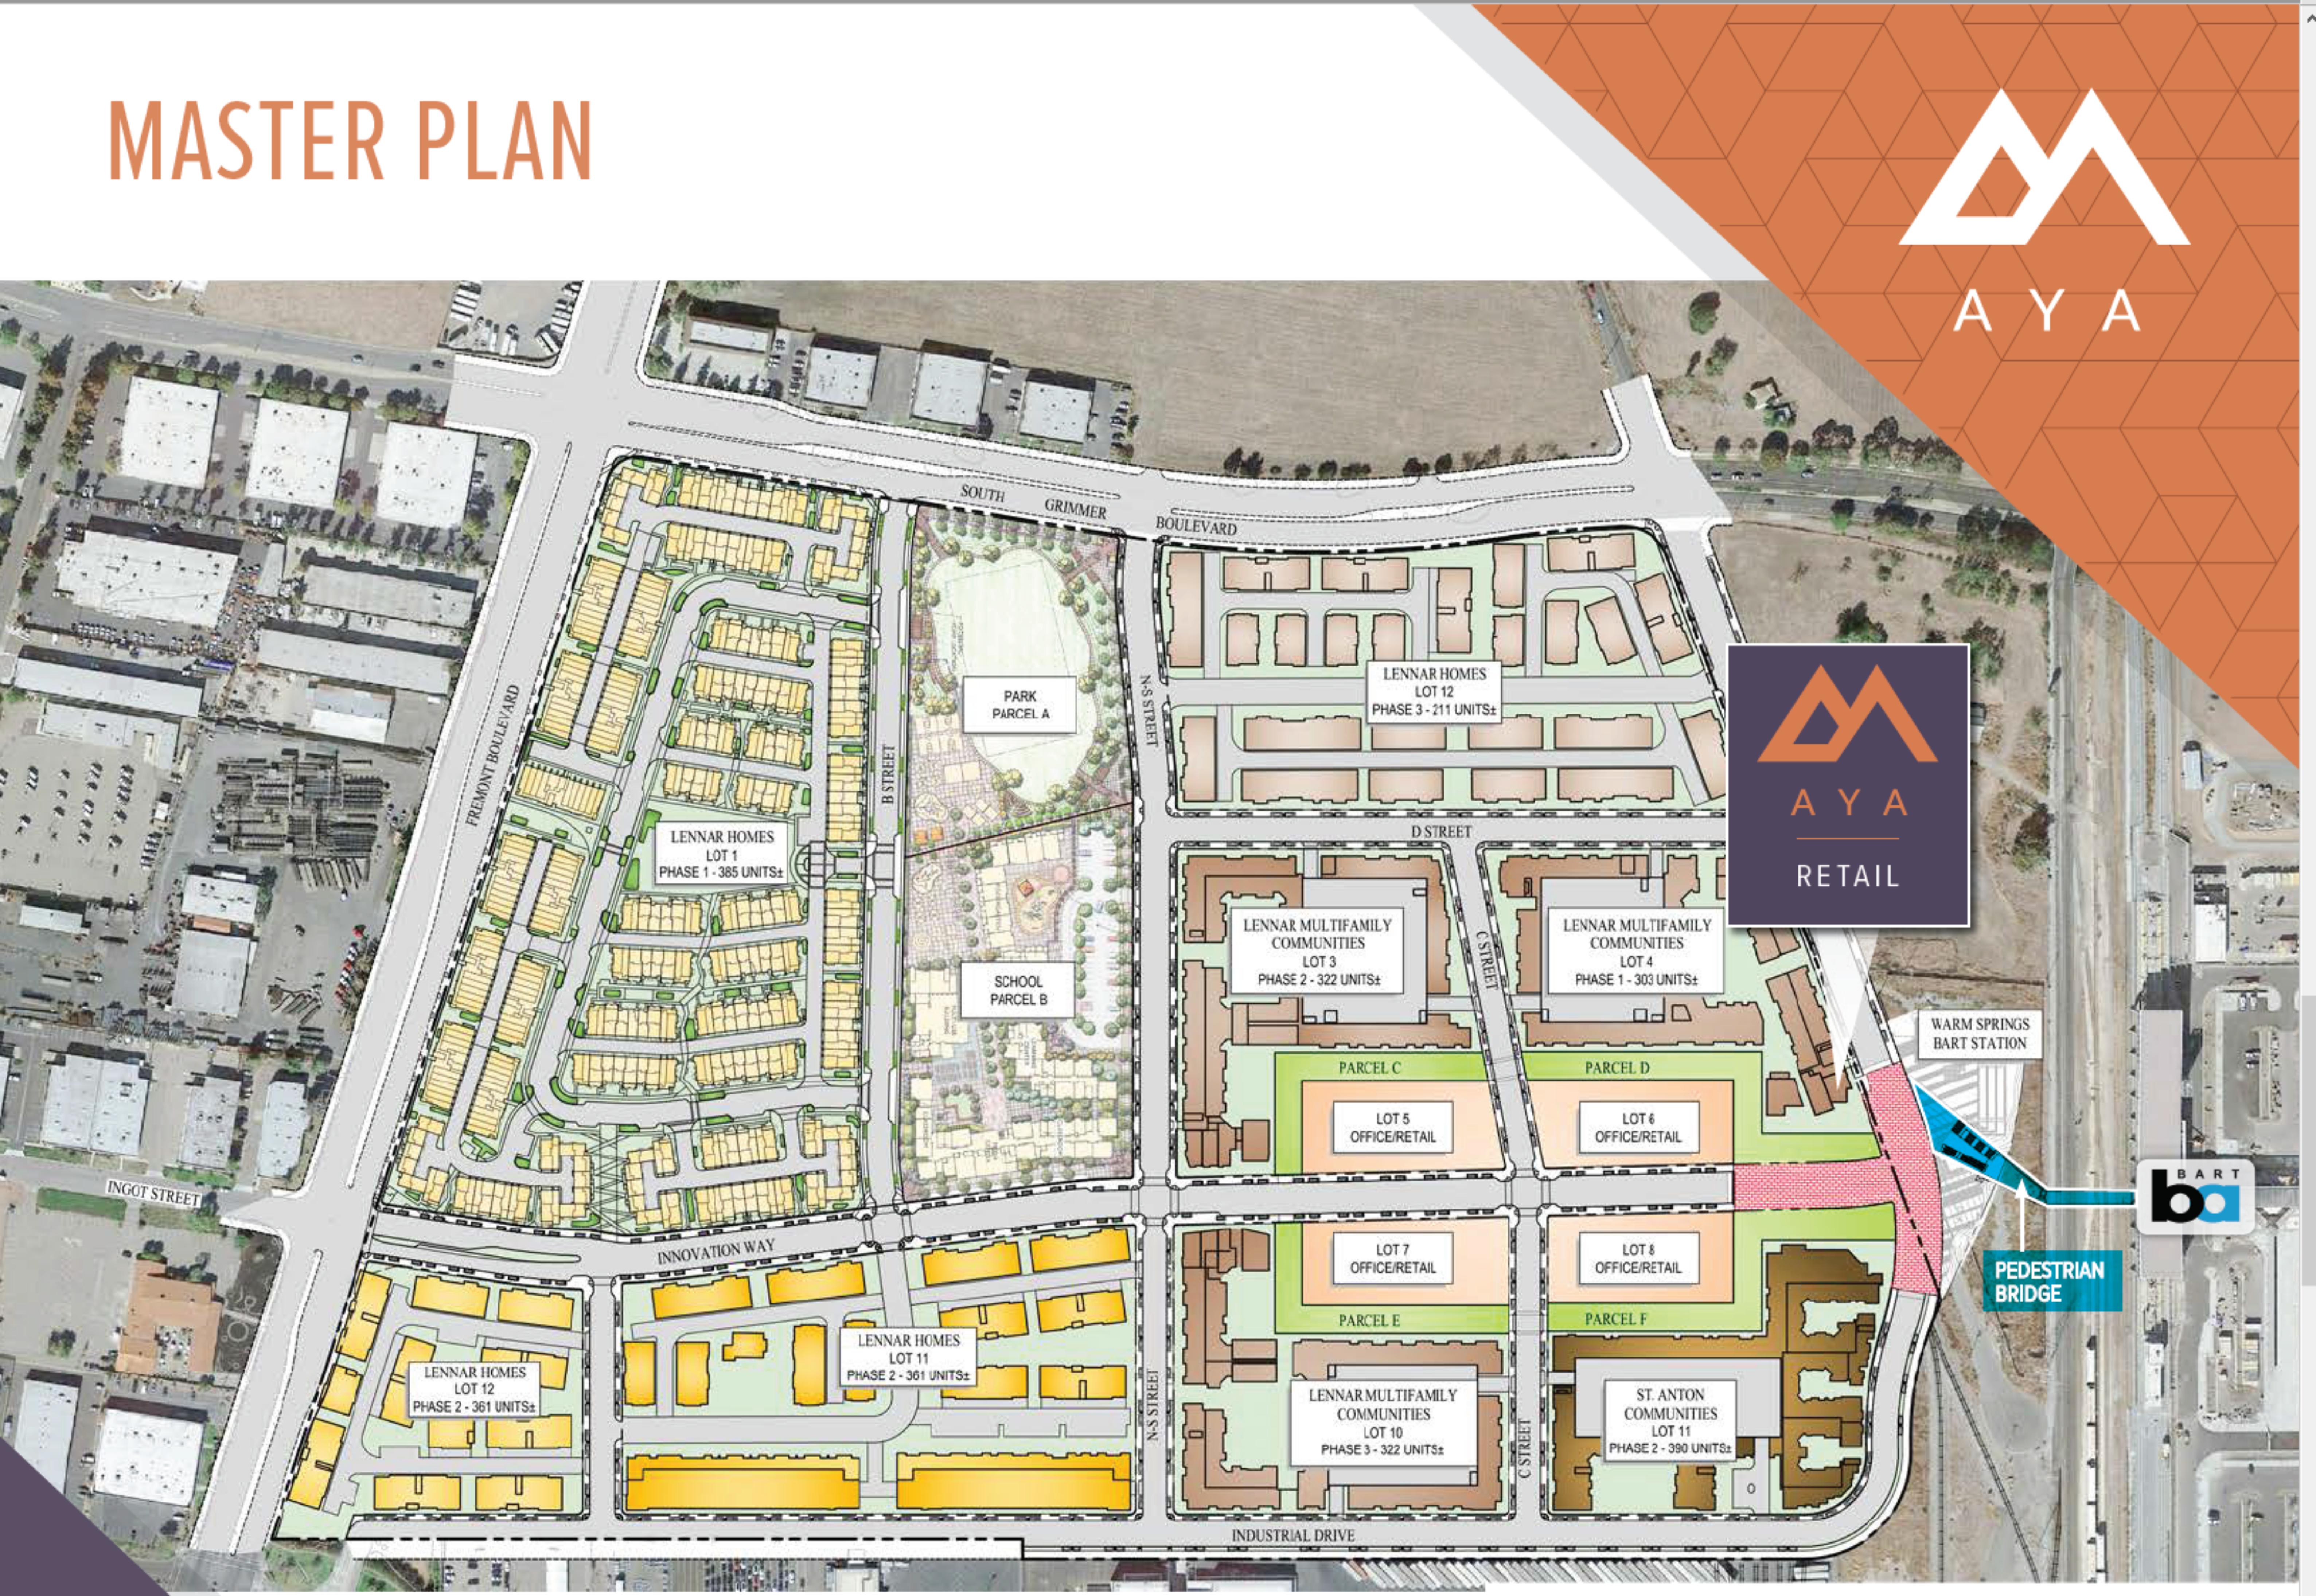 Aya - Fremont: site plan